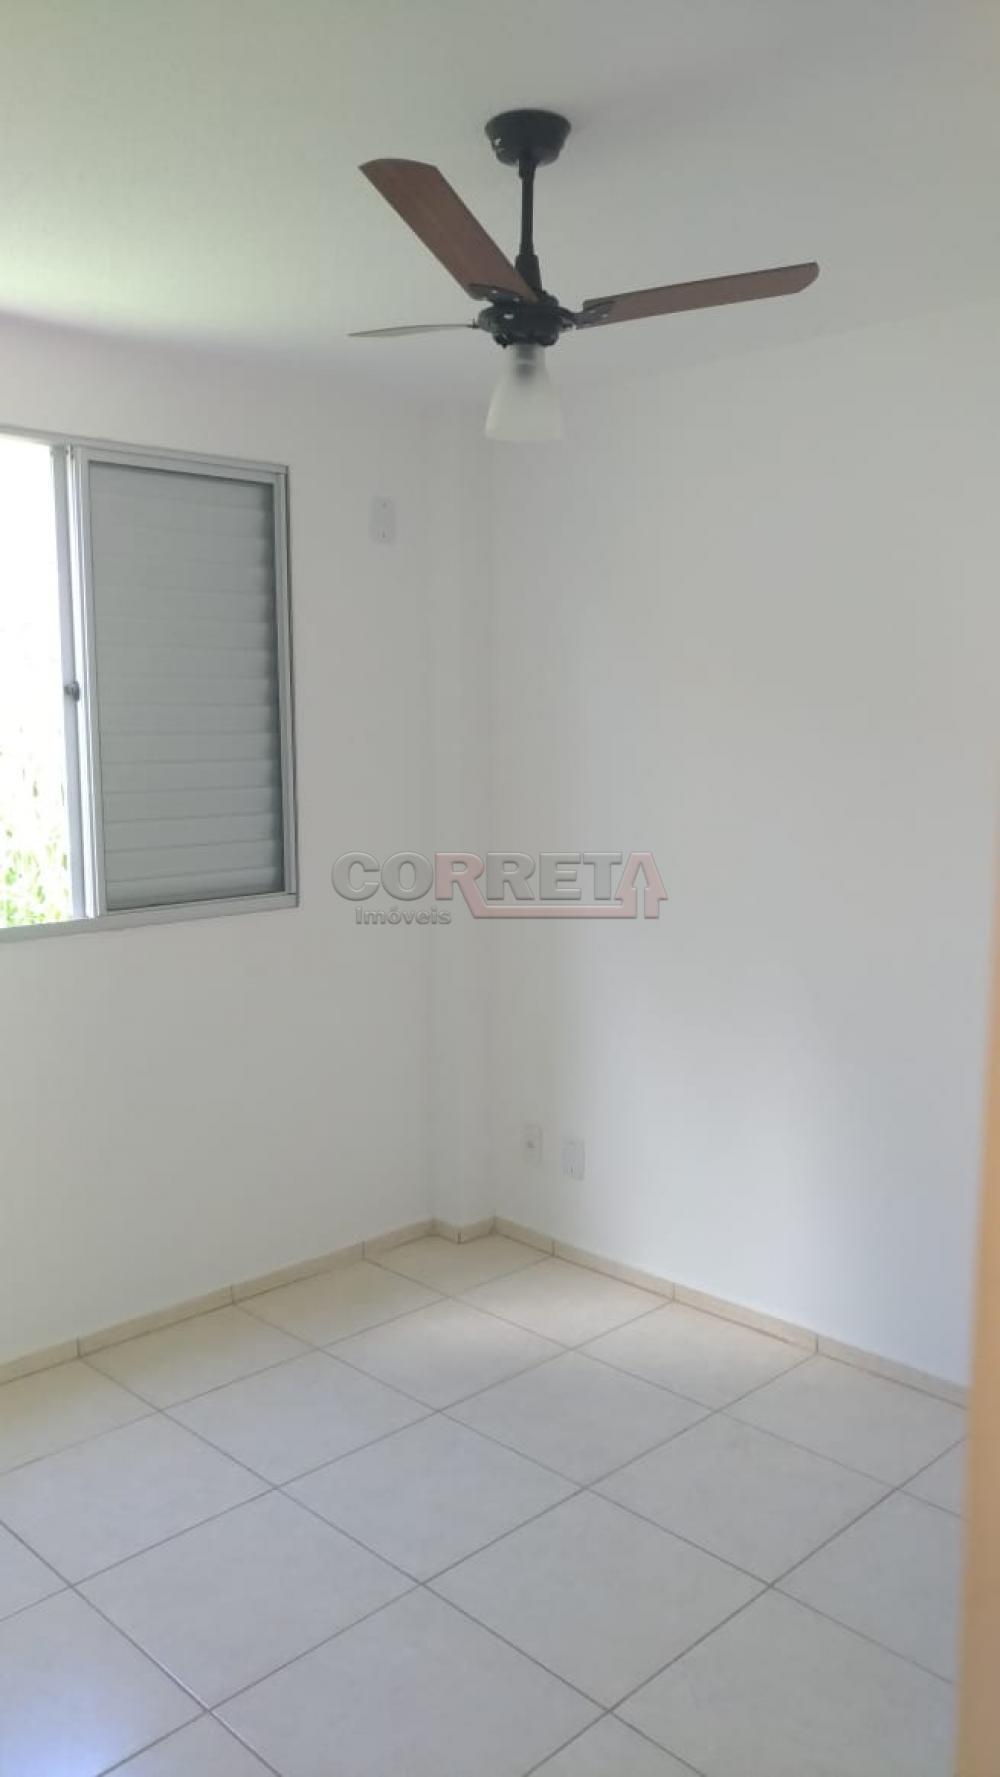 Alugar Apartamento / Padrão em Araçatuba R$ 550,00 - Foto 4